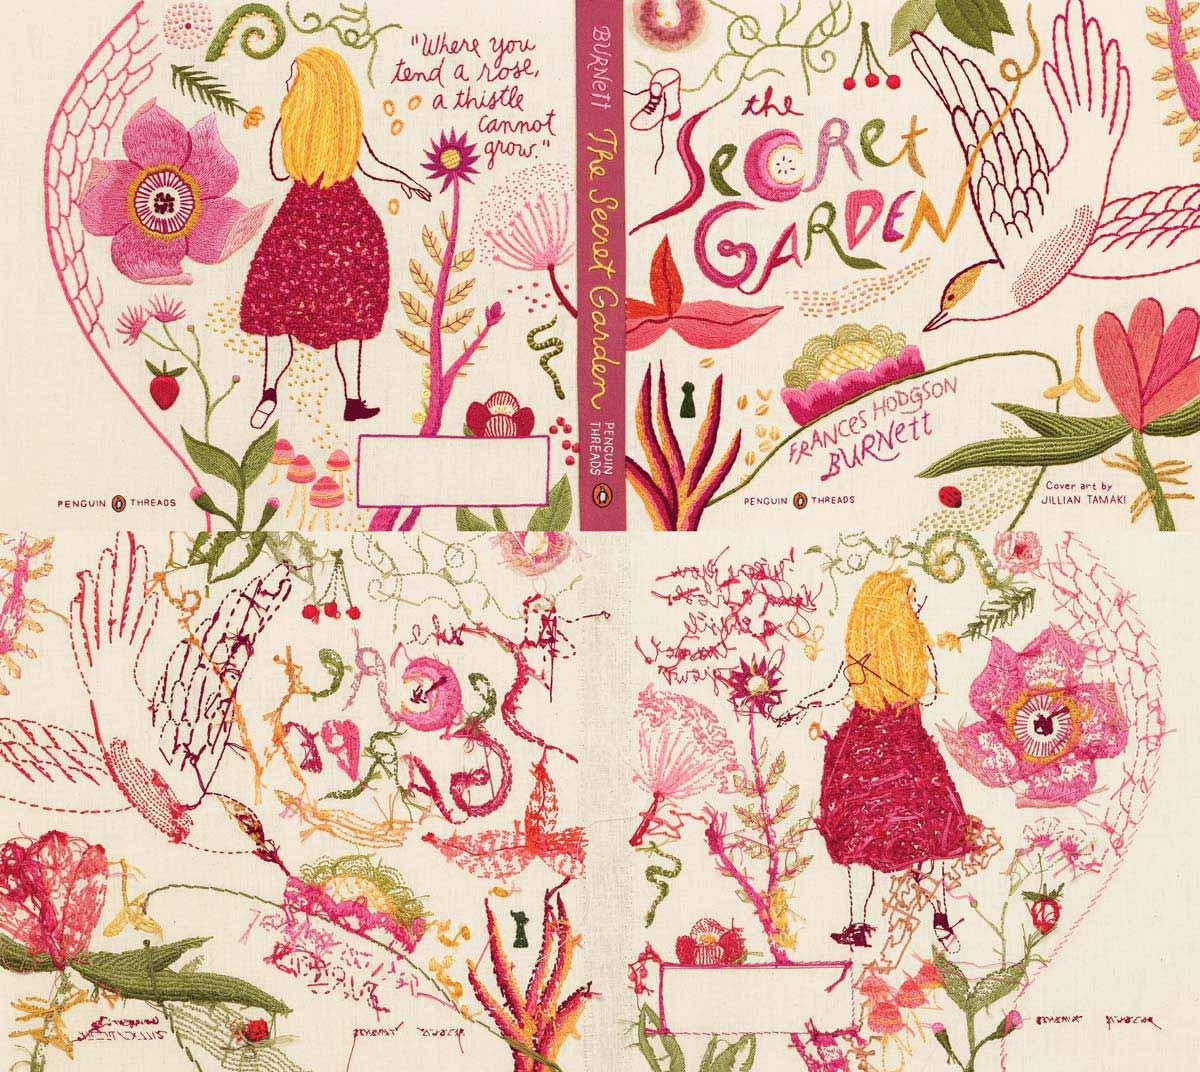 burnett secret garden penguin deluxe threads combo